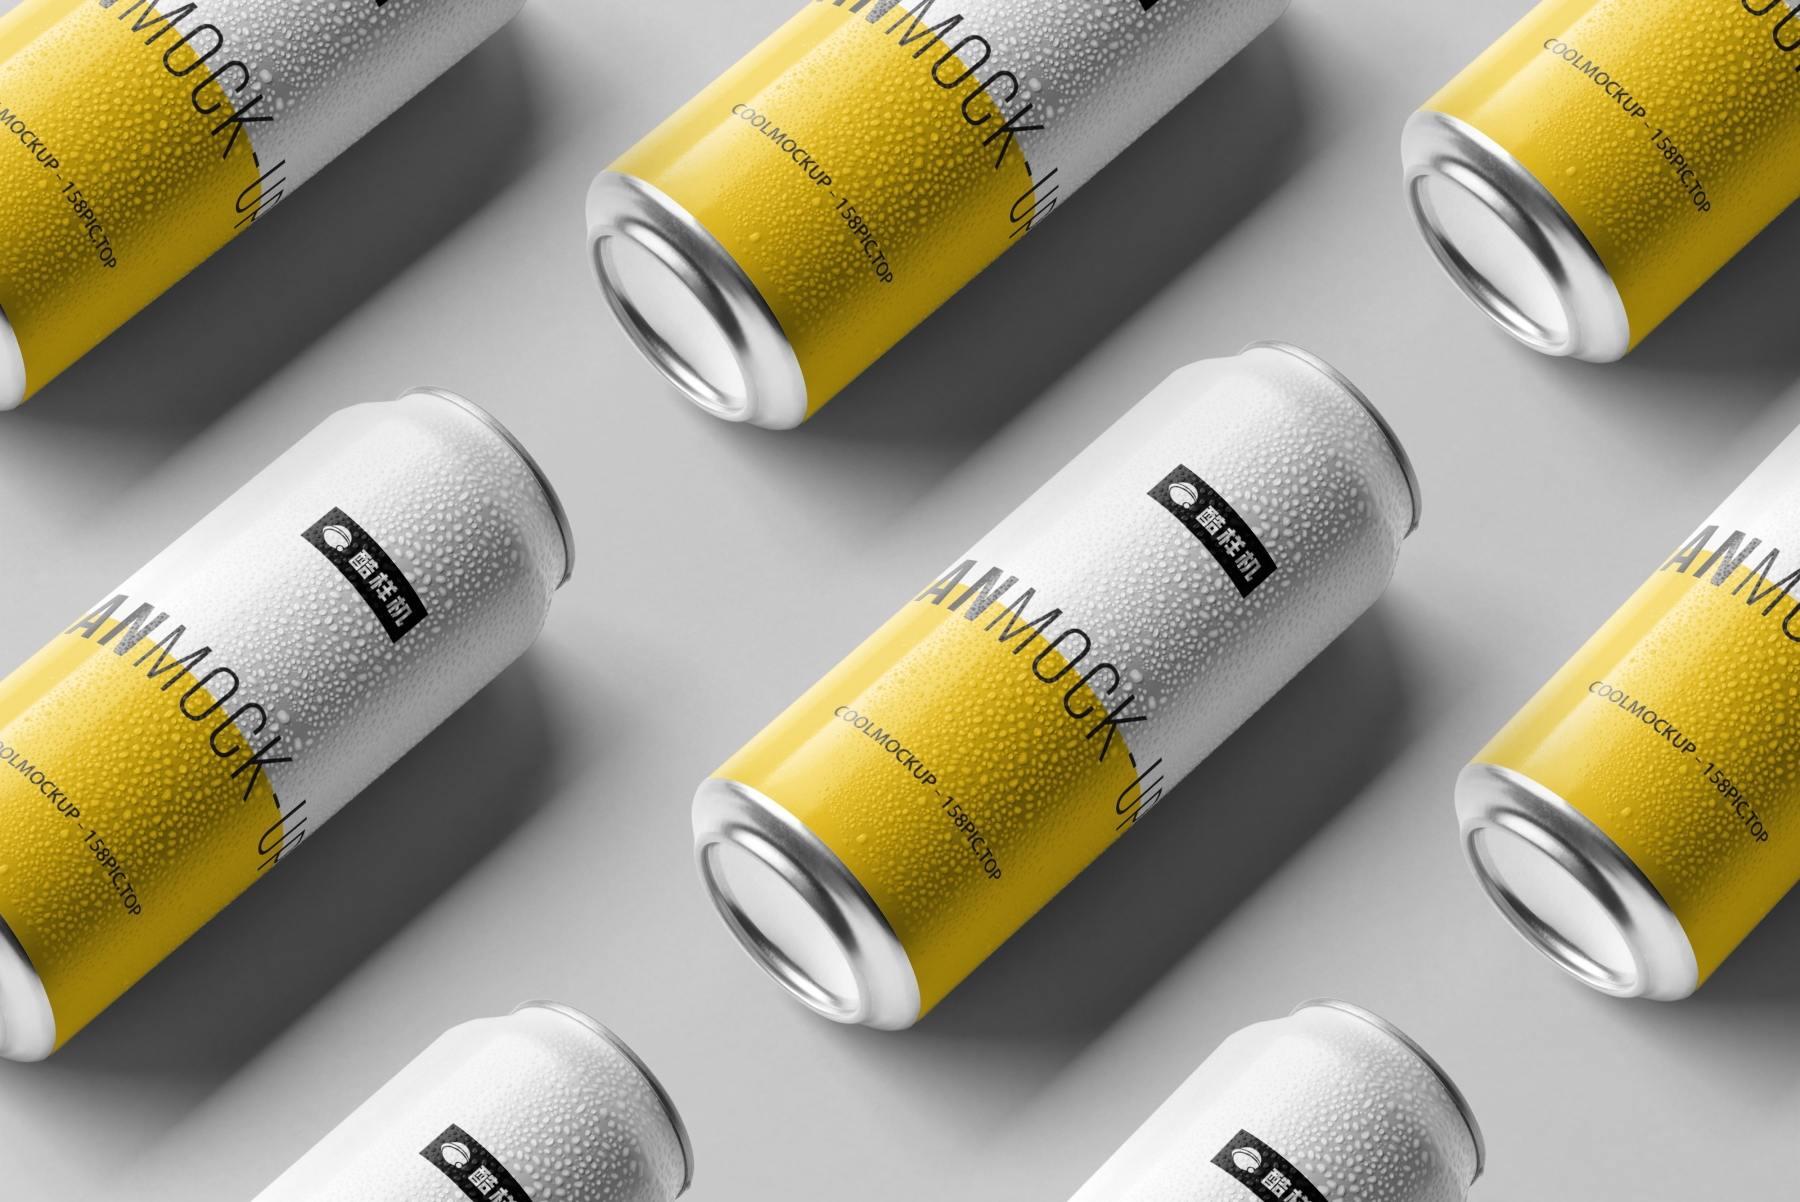 c8107b10d807265 - 简约饮料啤酒包装易拉罐样机